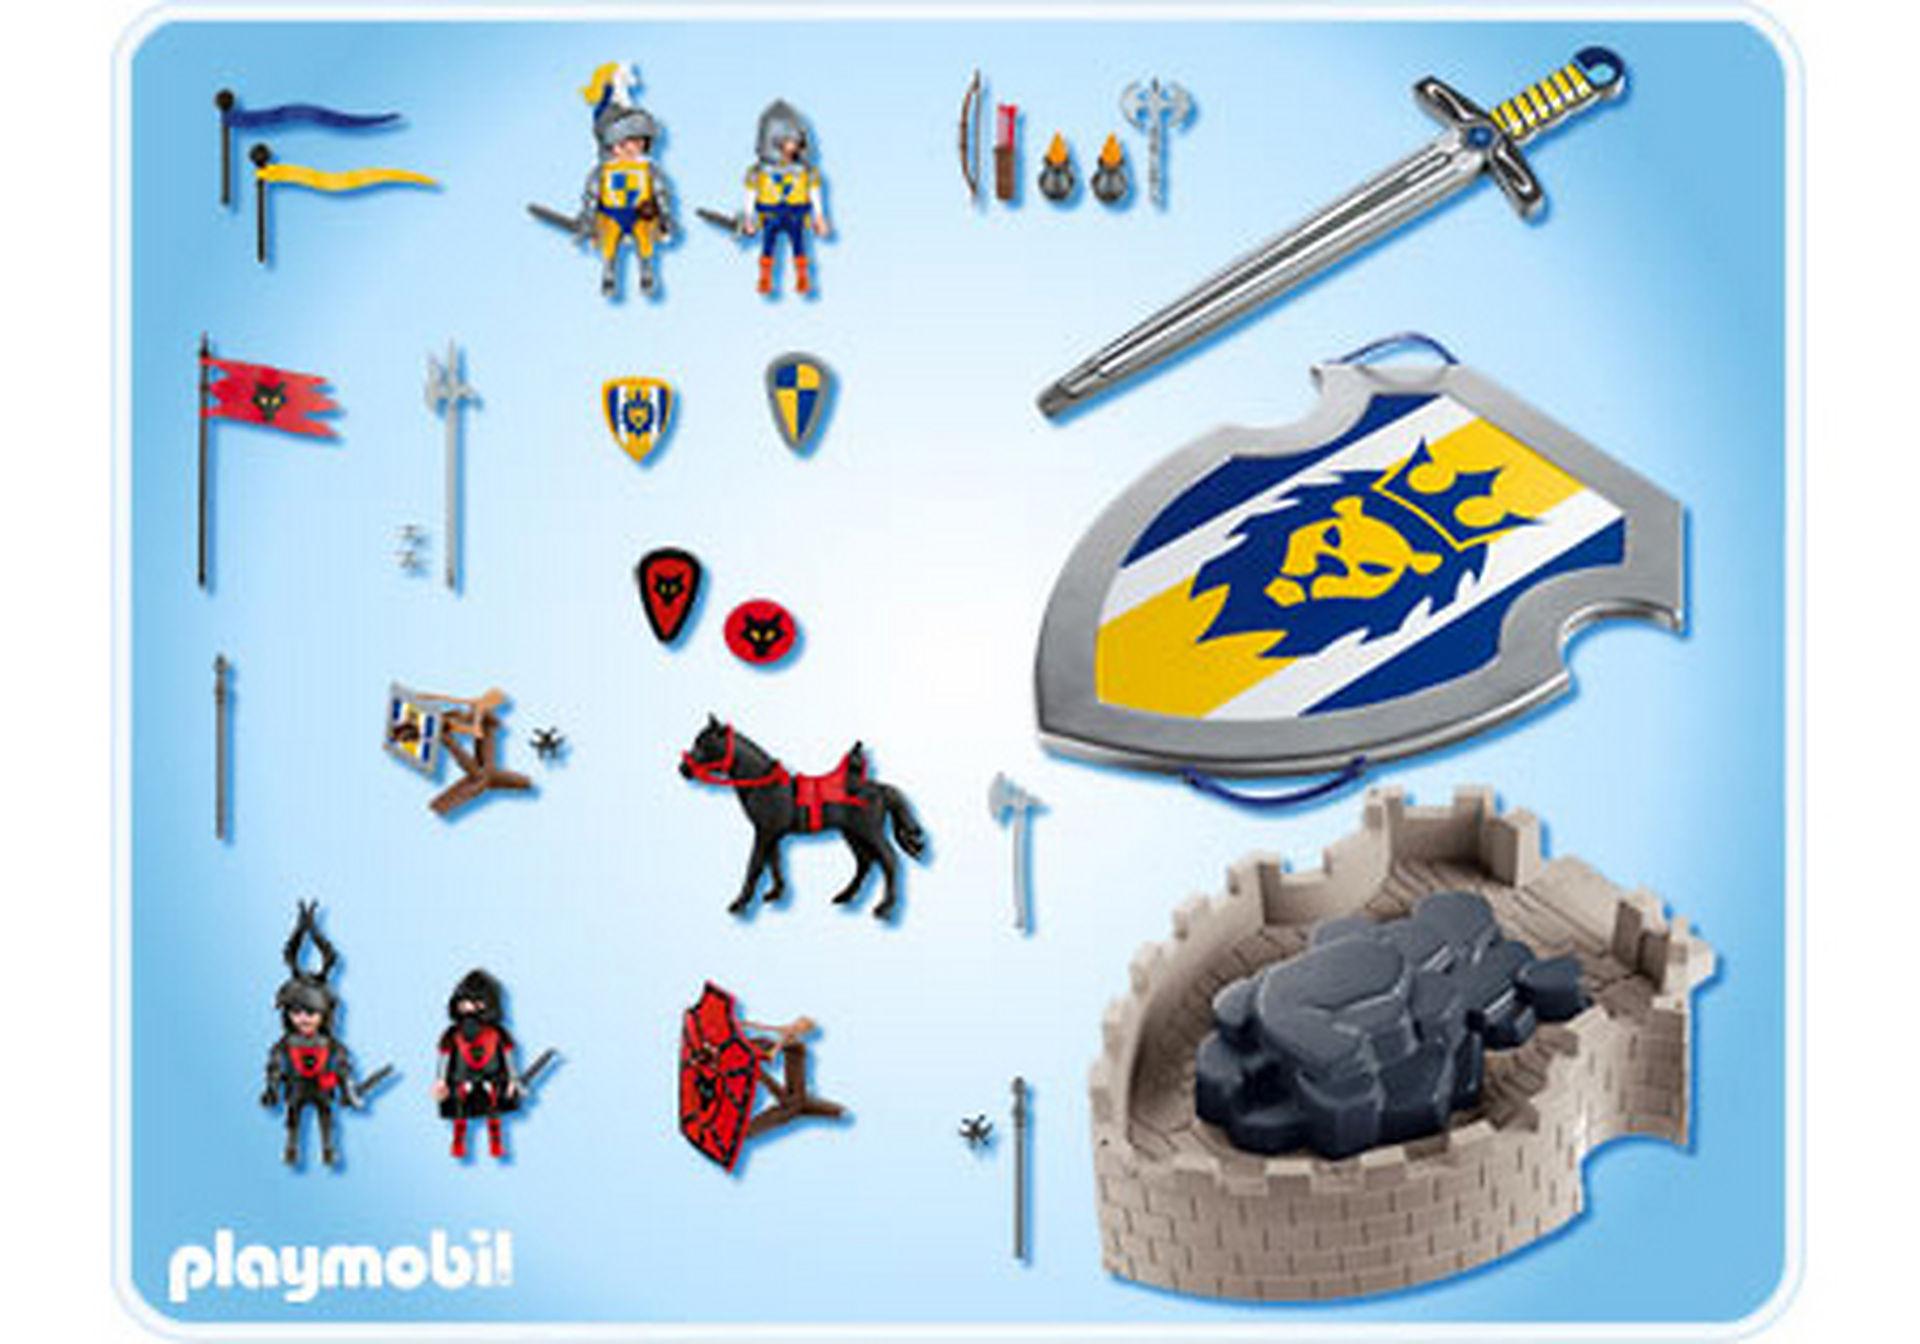 4217-A Mitnehm-Ritterfestung mit Schild und Schwert zoom image2